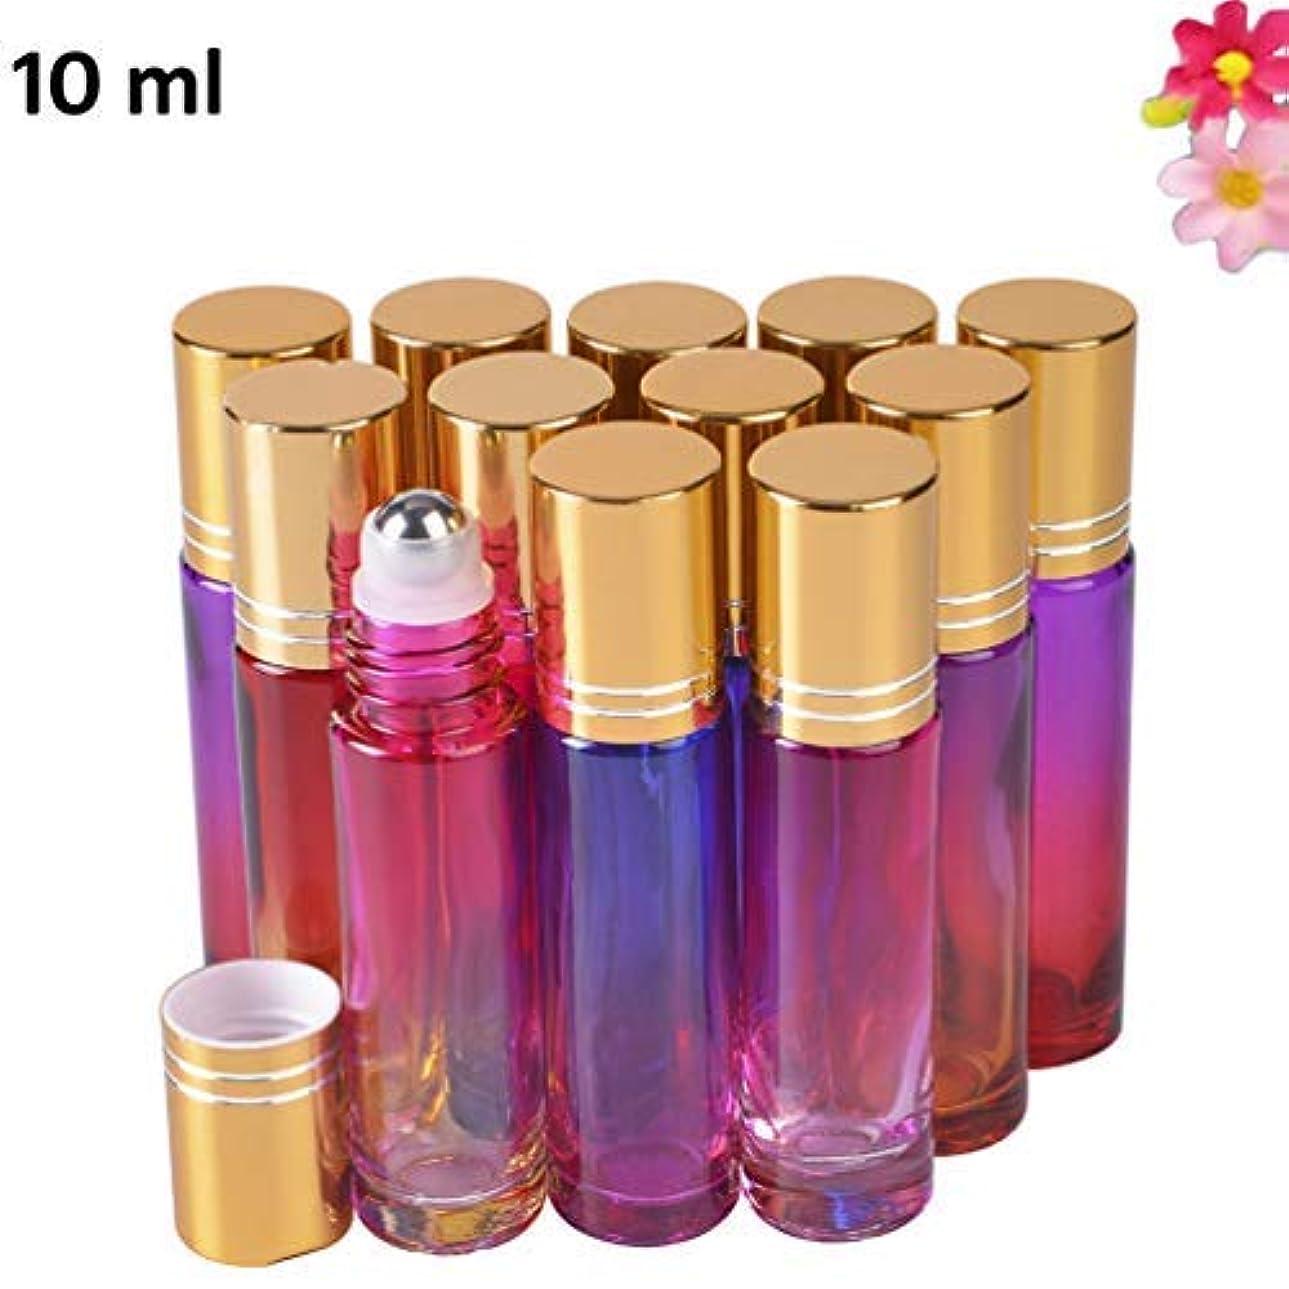 割り当てます別に全滅させる12 pack Essential Oil Roller Bottles 10ml with Beautiful Color [並行輸入品]